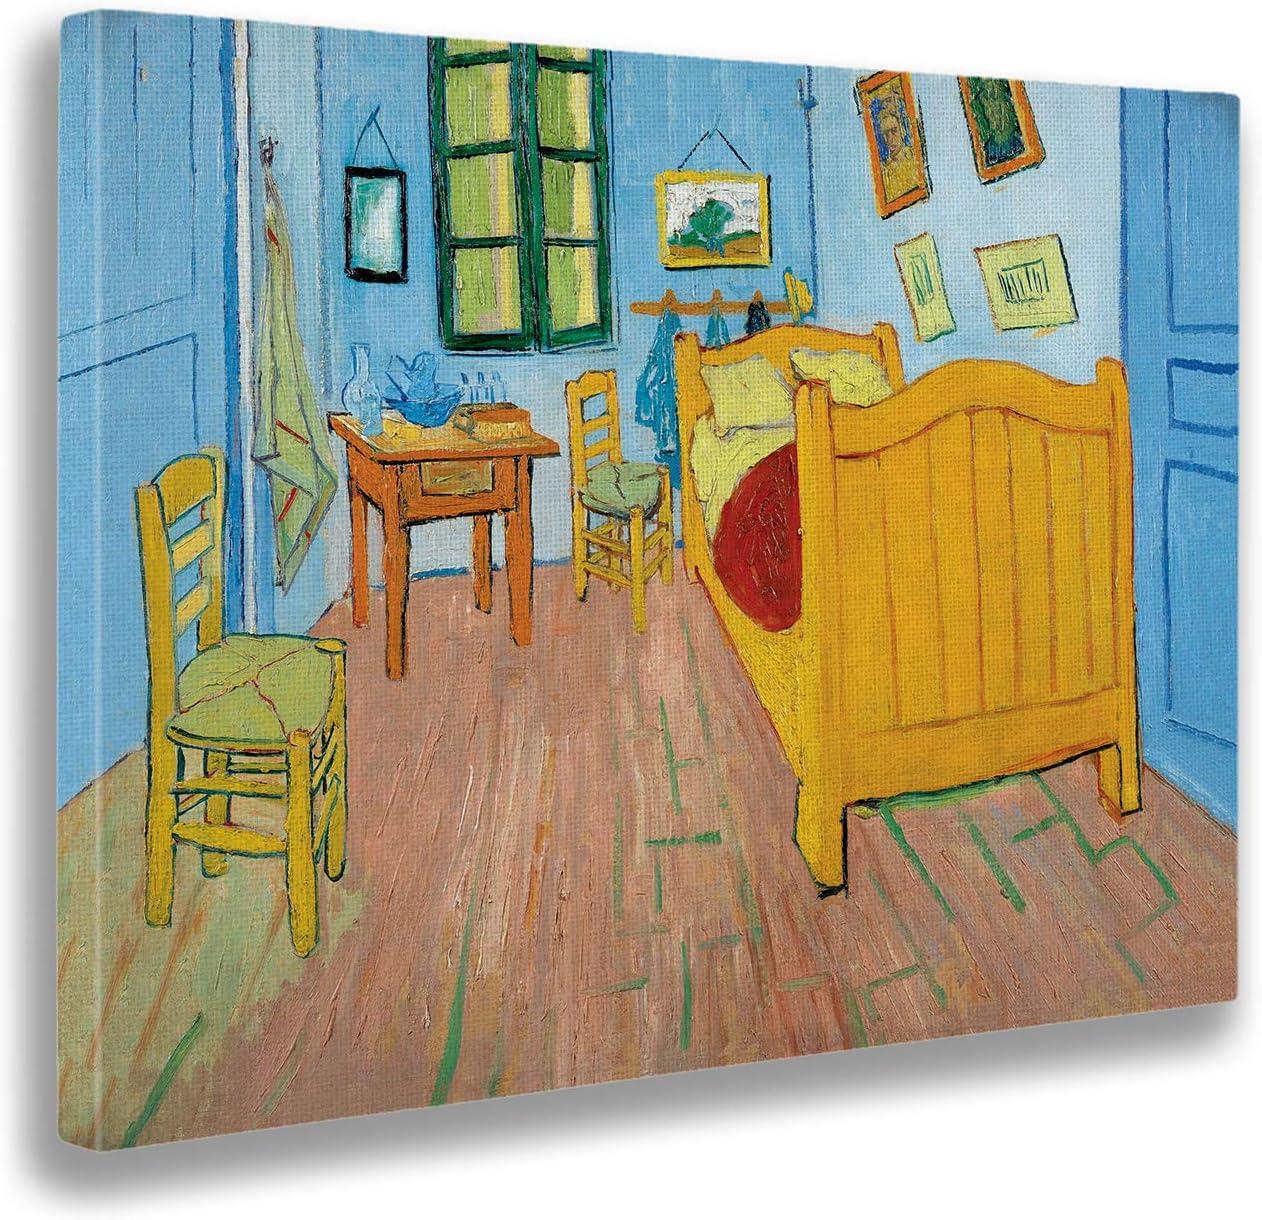 Giallobus - Cuadro - Vincent Van Gogh - La habitación de Vincent en Arles - Estampado en Lienzo - Listo para Colgar - Varios tamaños 70x50 cm